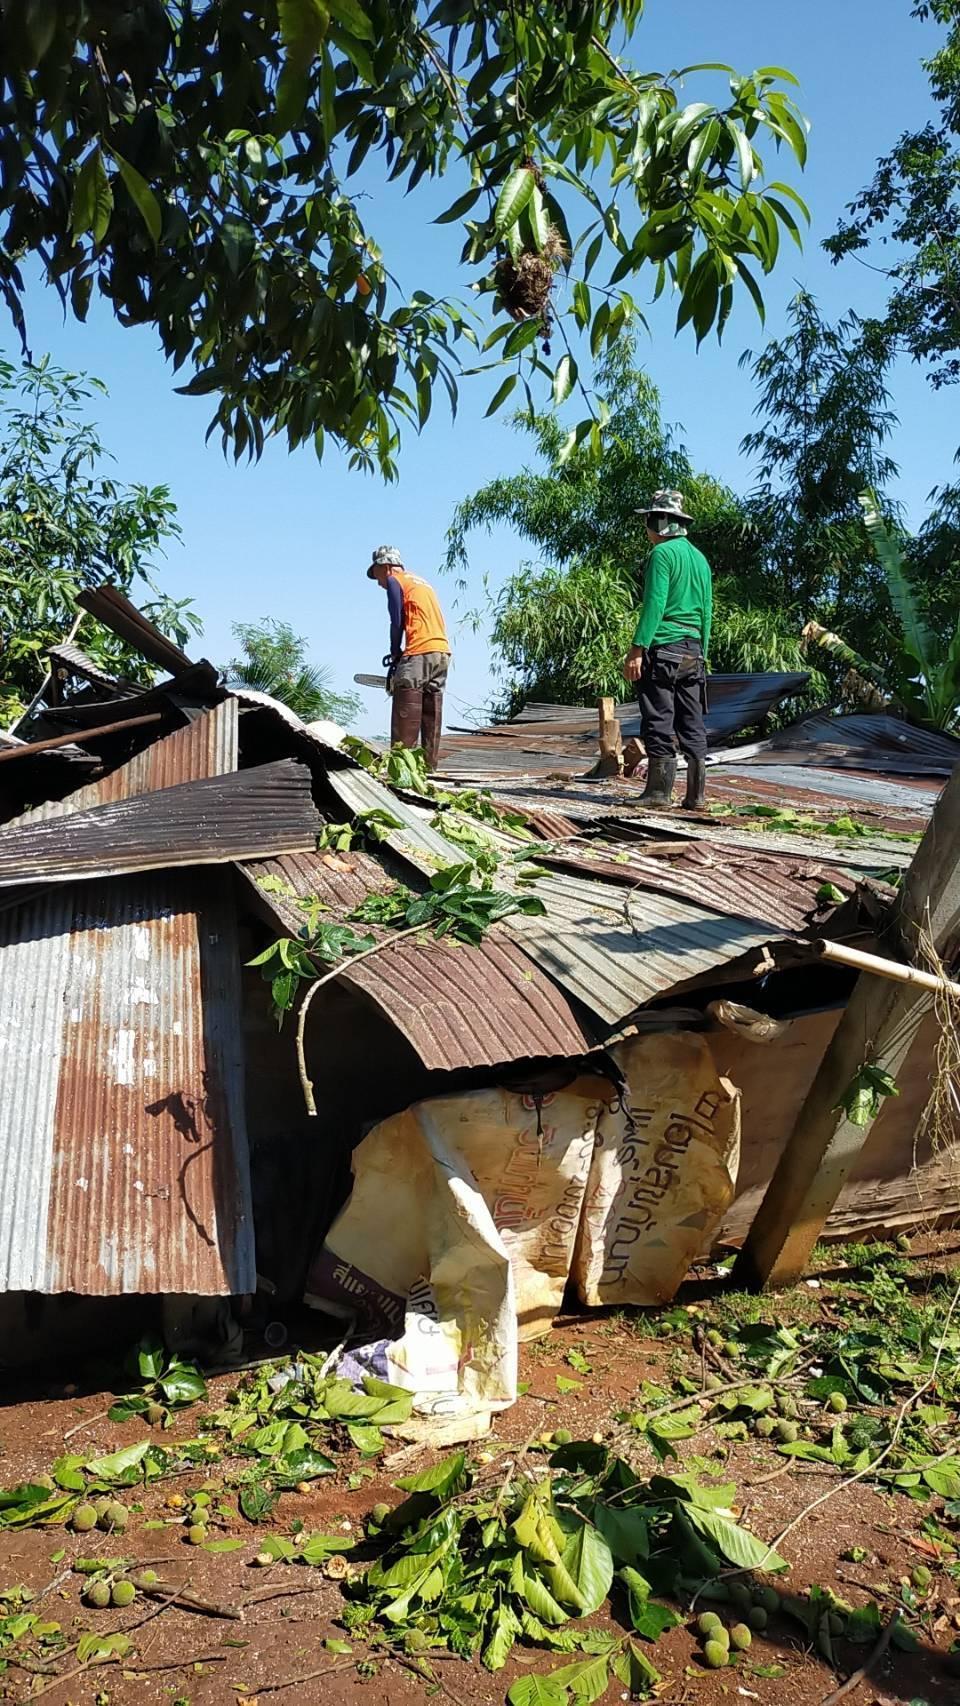 อ.พาน เกิดลมพายุ ไฟฟ้าดับนานกว่าชั่วโมงเมื่อคืนที่ผ่านมา นอภ.พานช่วยเหลือบ้านต้นไม้ล้มทับ